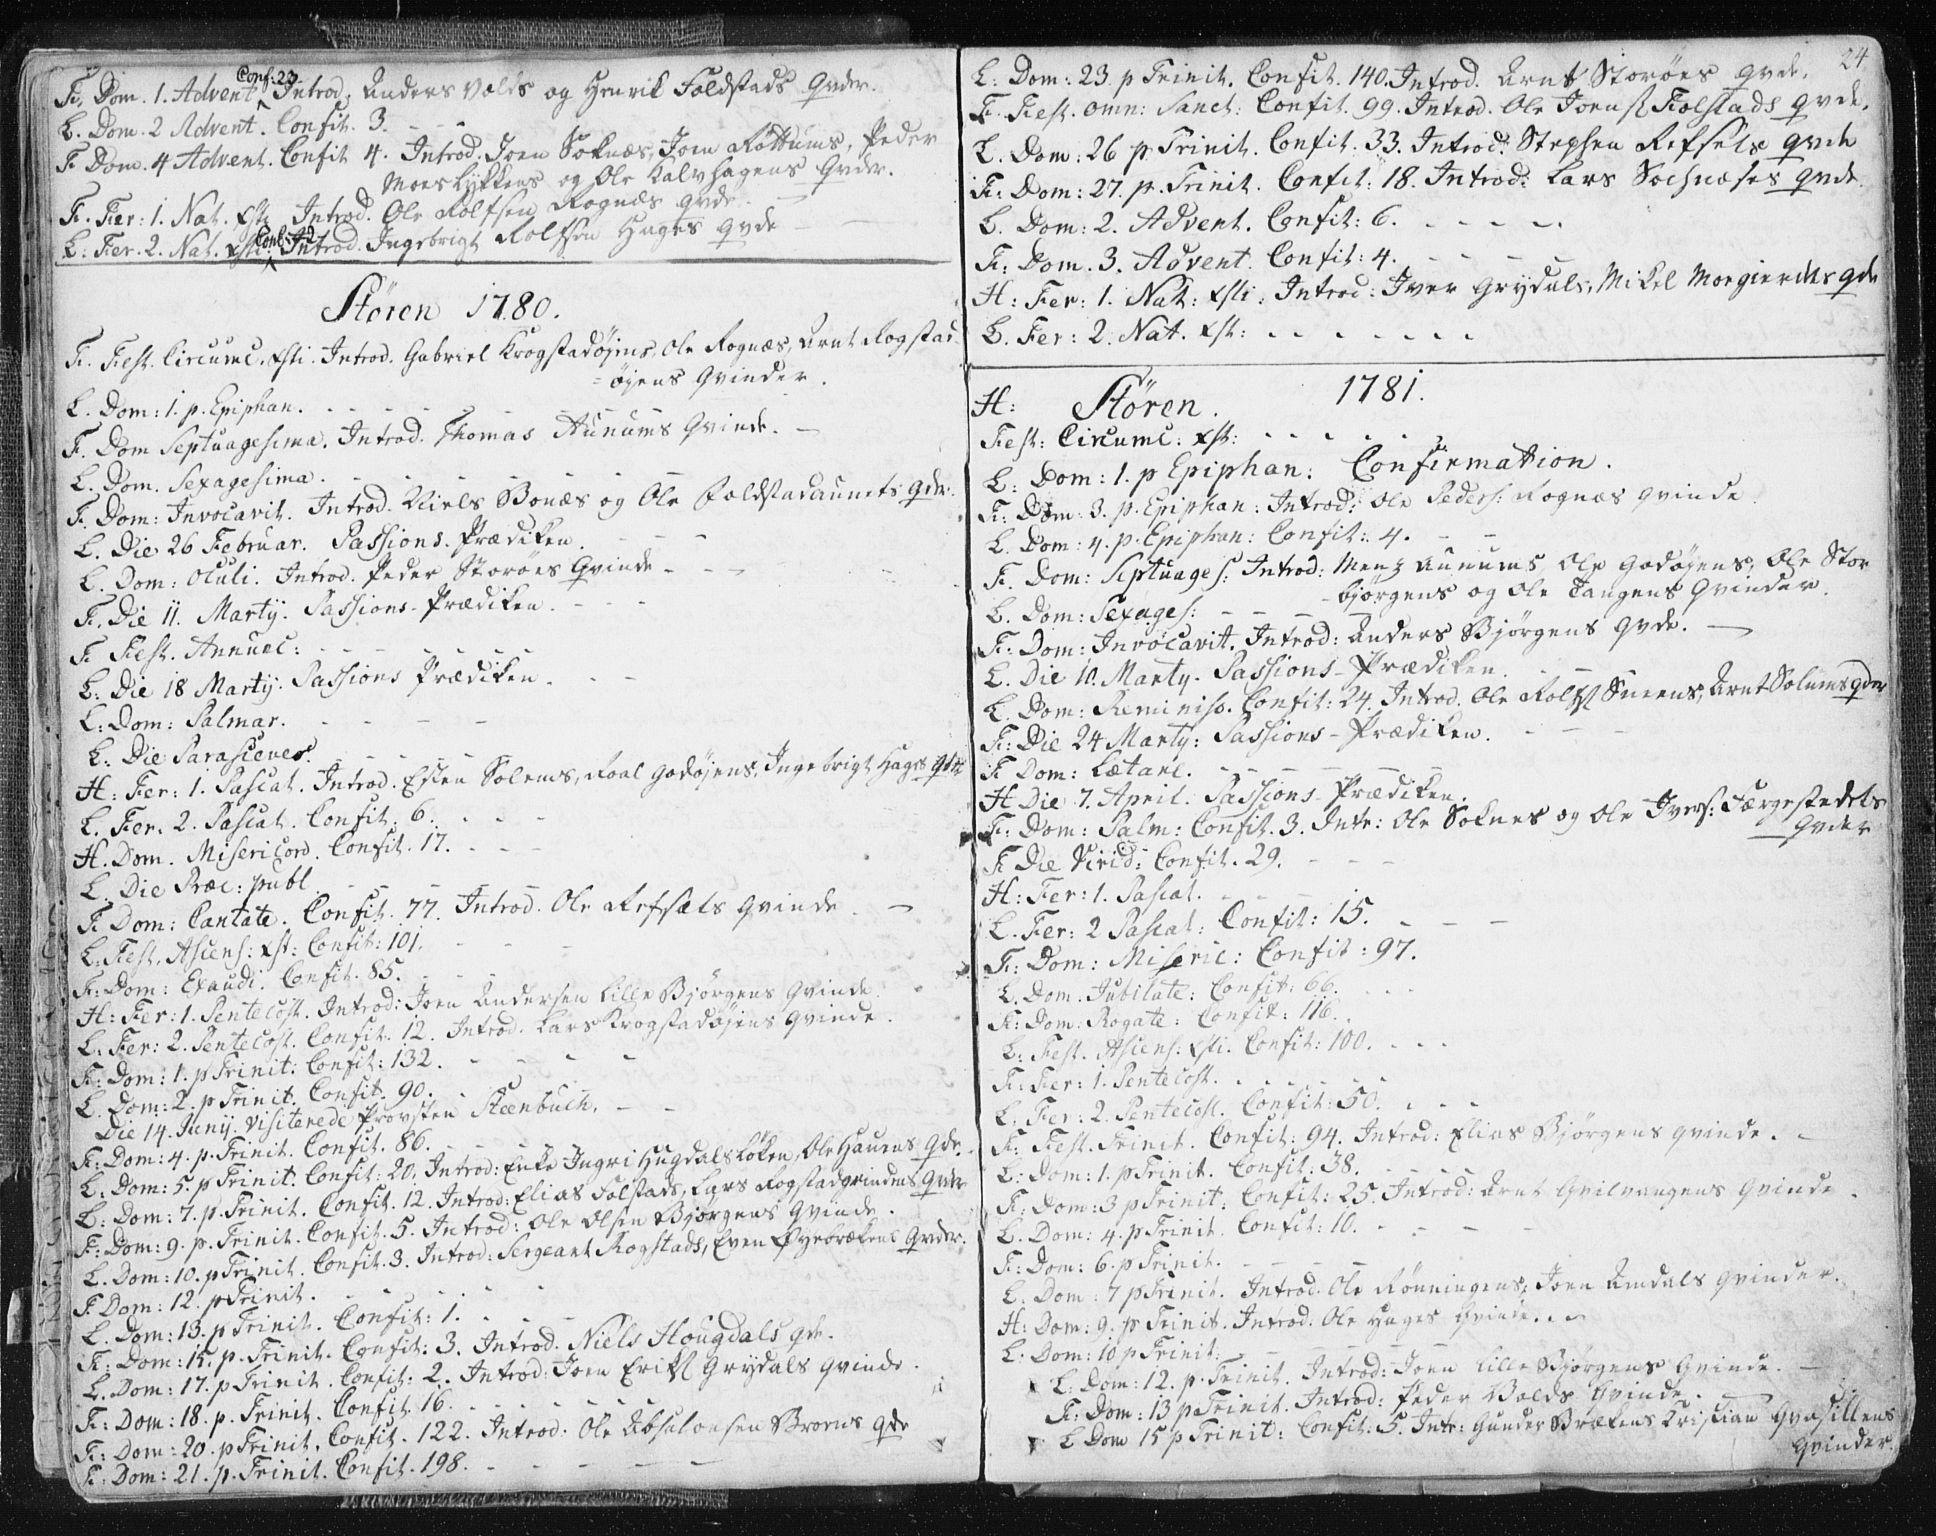 SAT, Ministerialprotokoller, klokkerbøker og fødselsregistre - Sør-Trøndelag, 687/L0991: Ministerialbok nr. 687A02, 1747-1790, s. 24